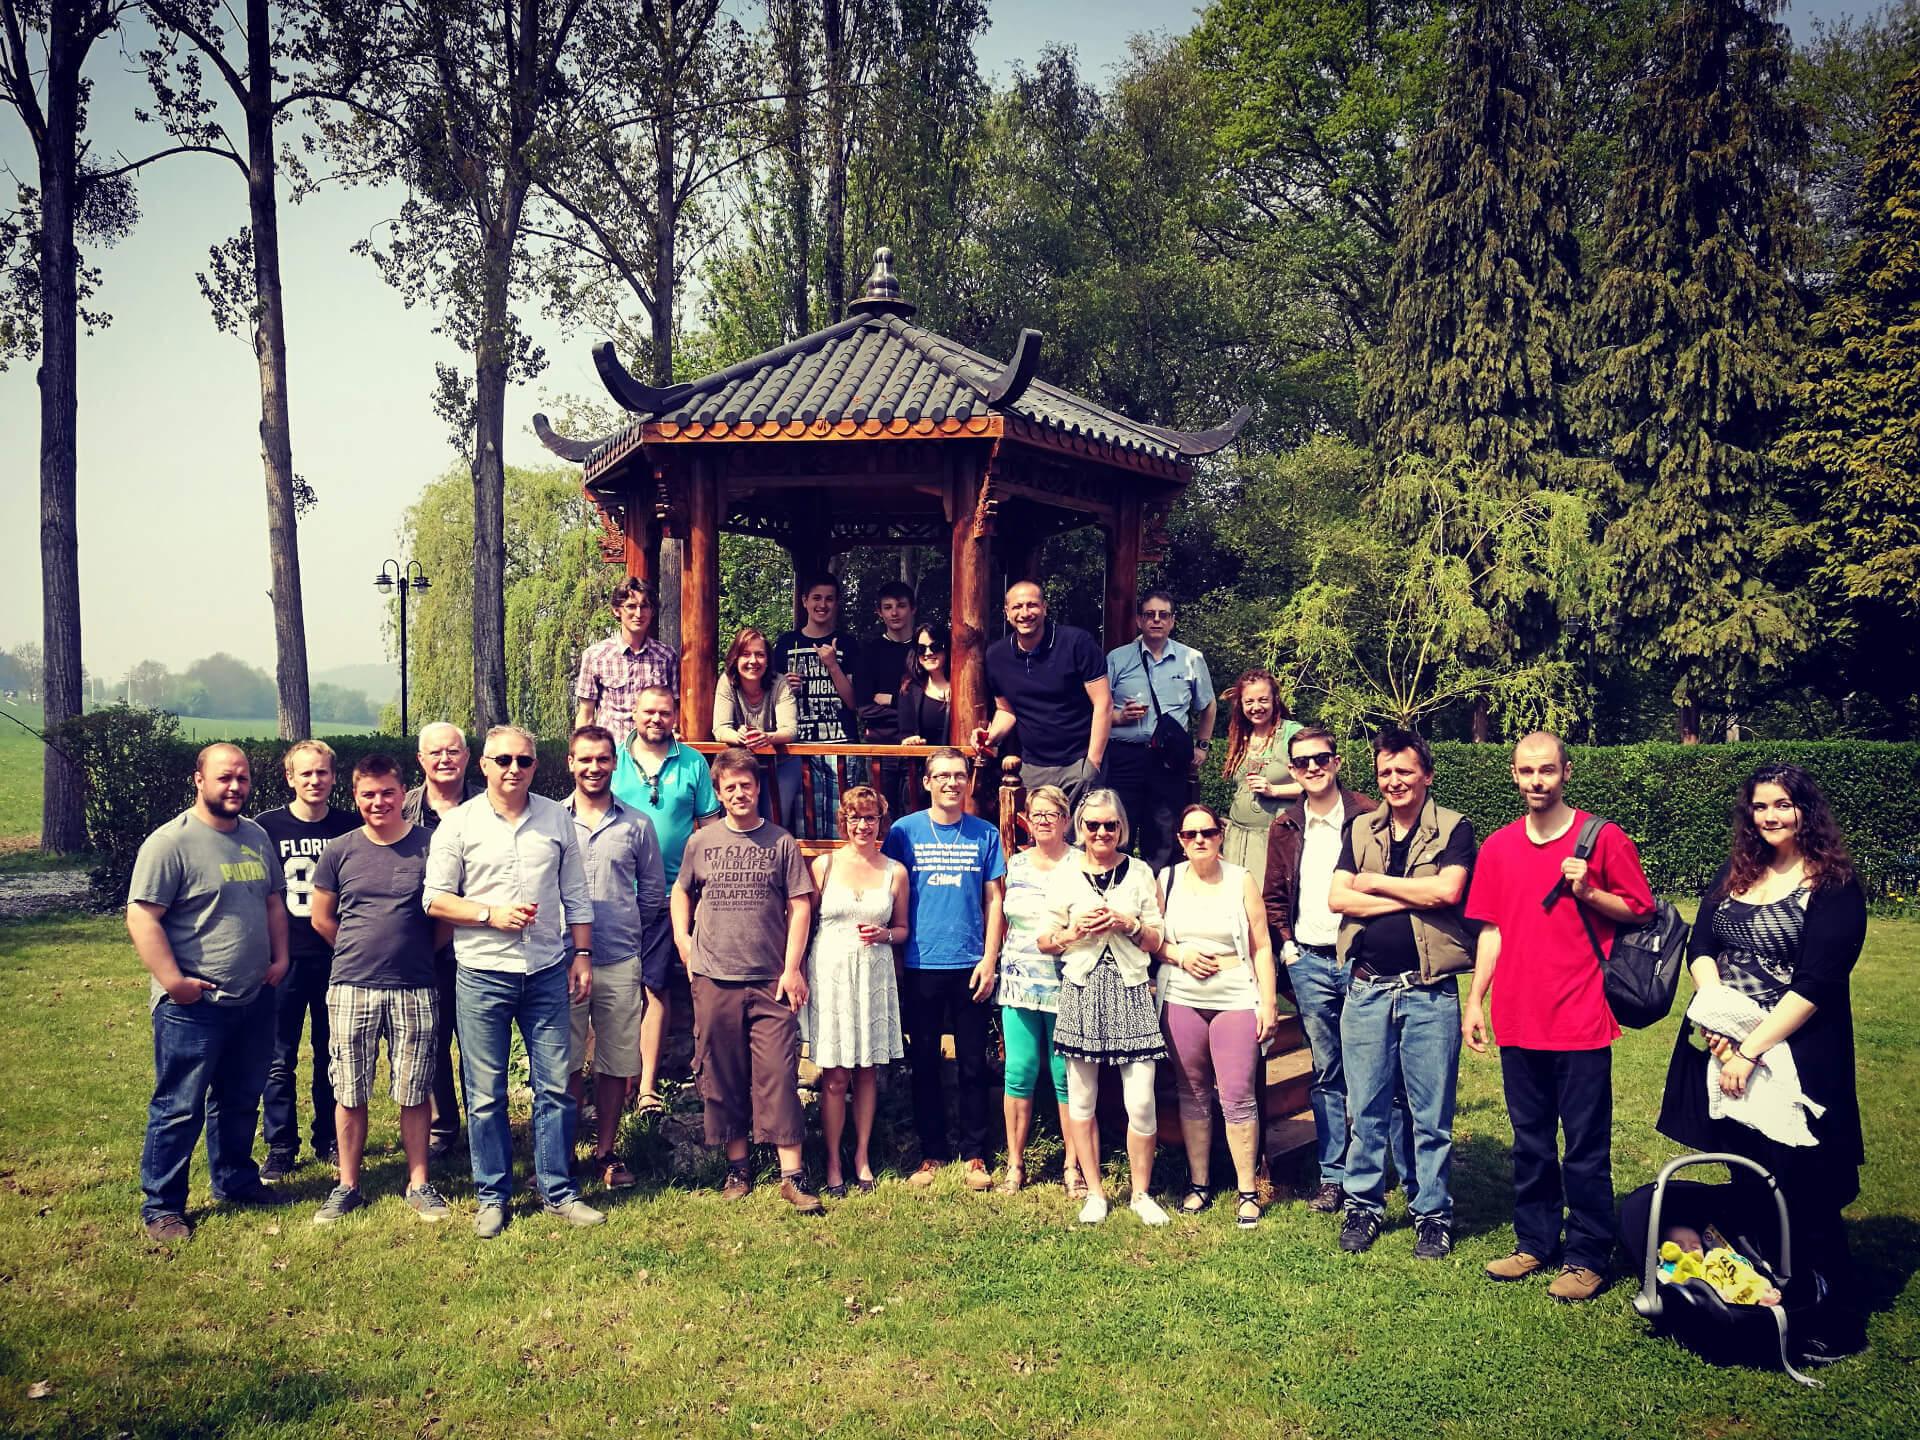 Réunion avec les membres observateurs de Belgorage le 21 avril 2018 à Malonne dans la province de Namur